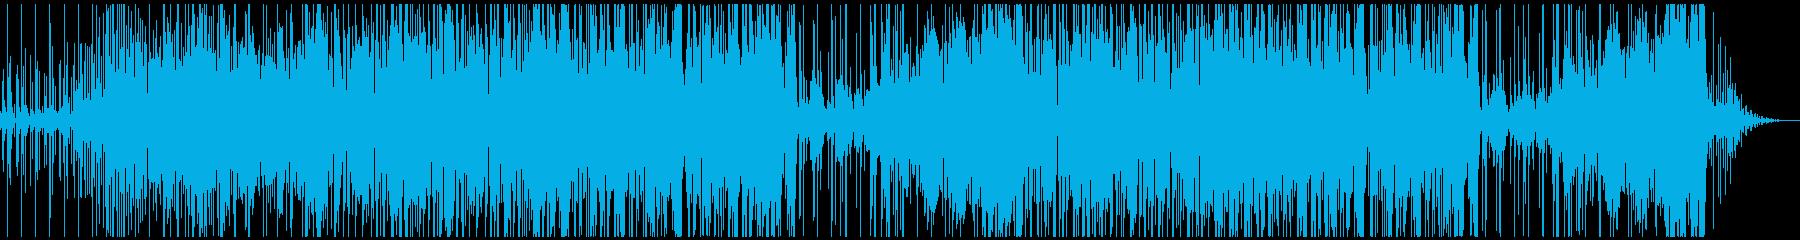 レゲエ、ダブ系インストBGMの再生済みの波形